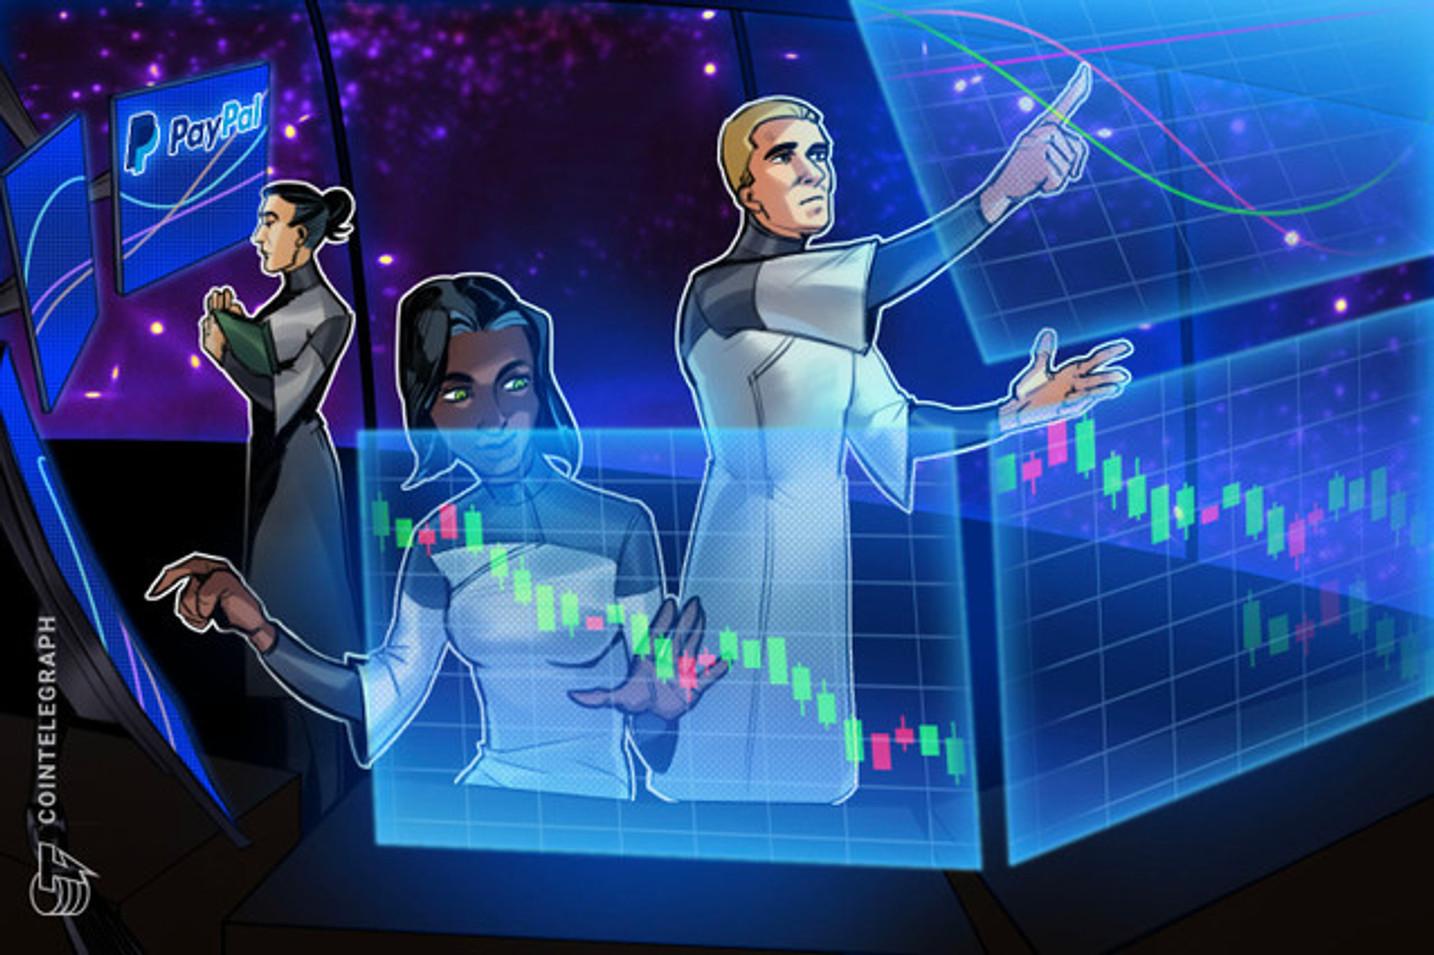 Bolsa de Valores de Colombia anuncia acuerdo para impulsar plataforma Blockchain en el sector